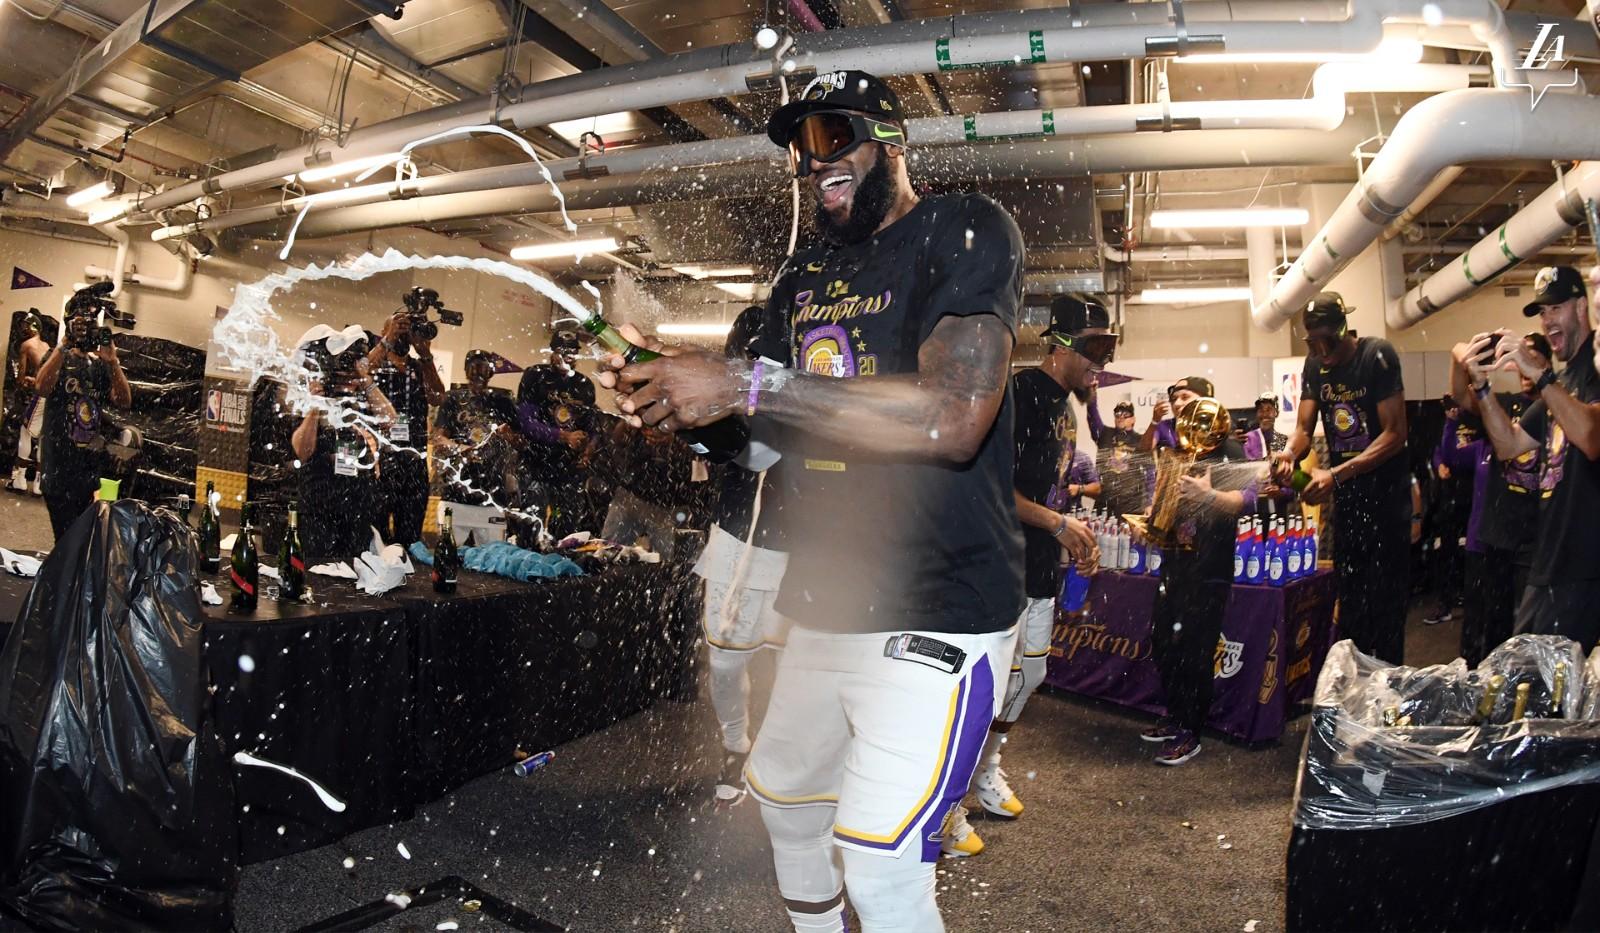 如果詹姆斯10次冠軍賽全部奪冠,他能超越喬丹嗎?美媒給出答案!-黑特籃球-NBA新聞影音圖片分享社區